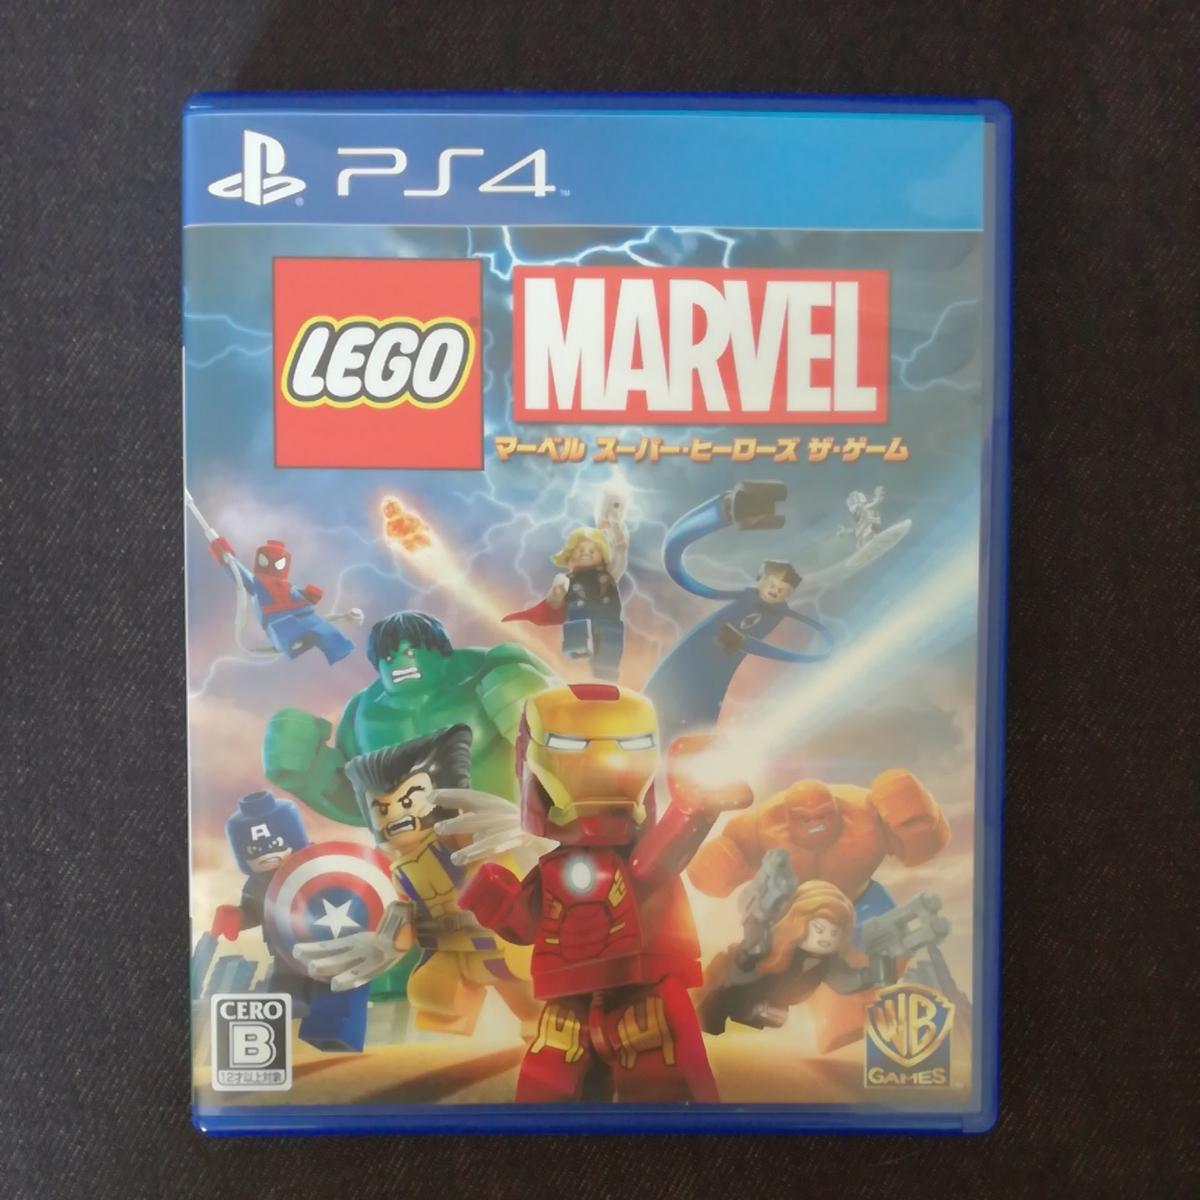 PS 4ソフト レゴマーベルスーパーヒーローズザゲーム LEGO MARVEL 美品 格安